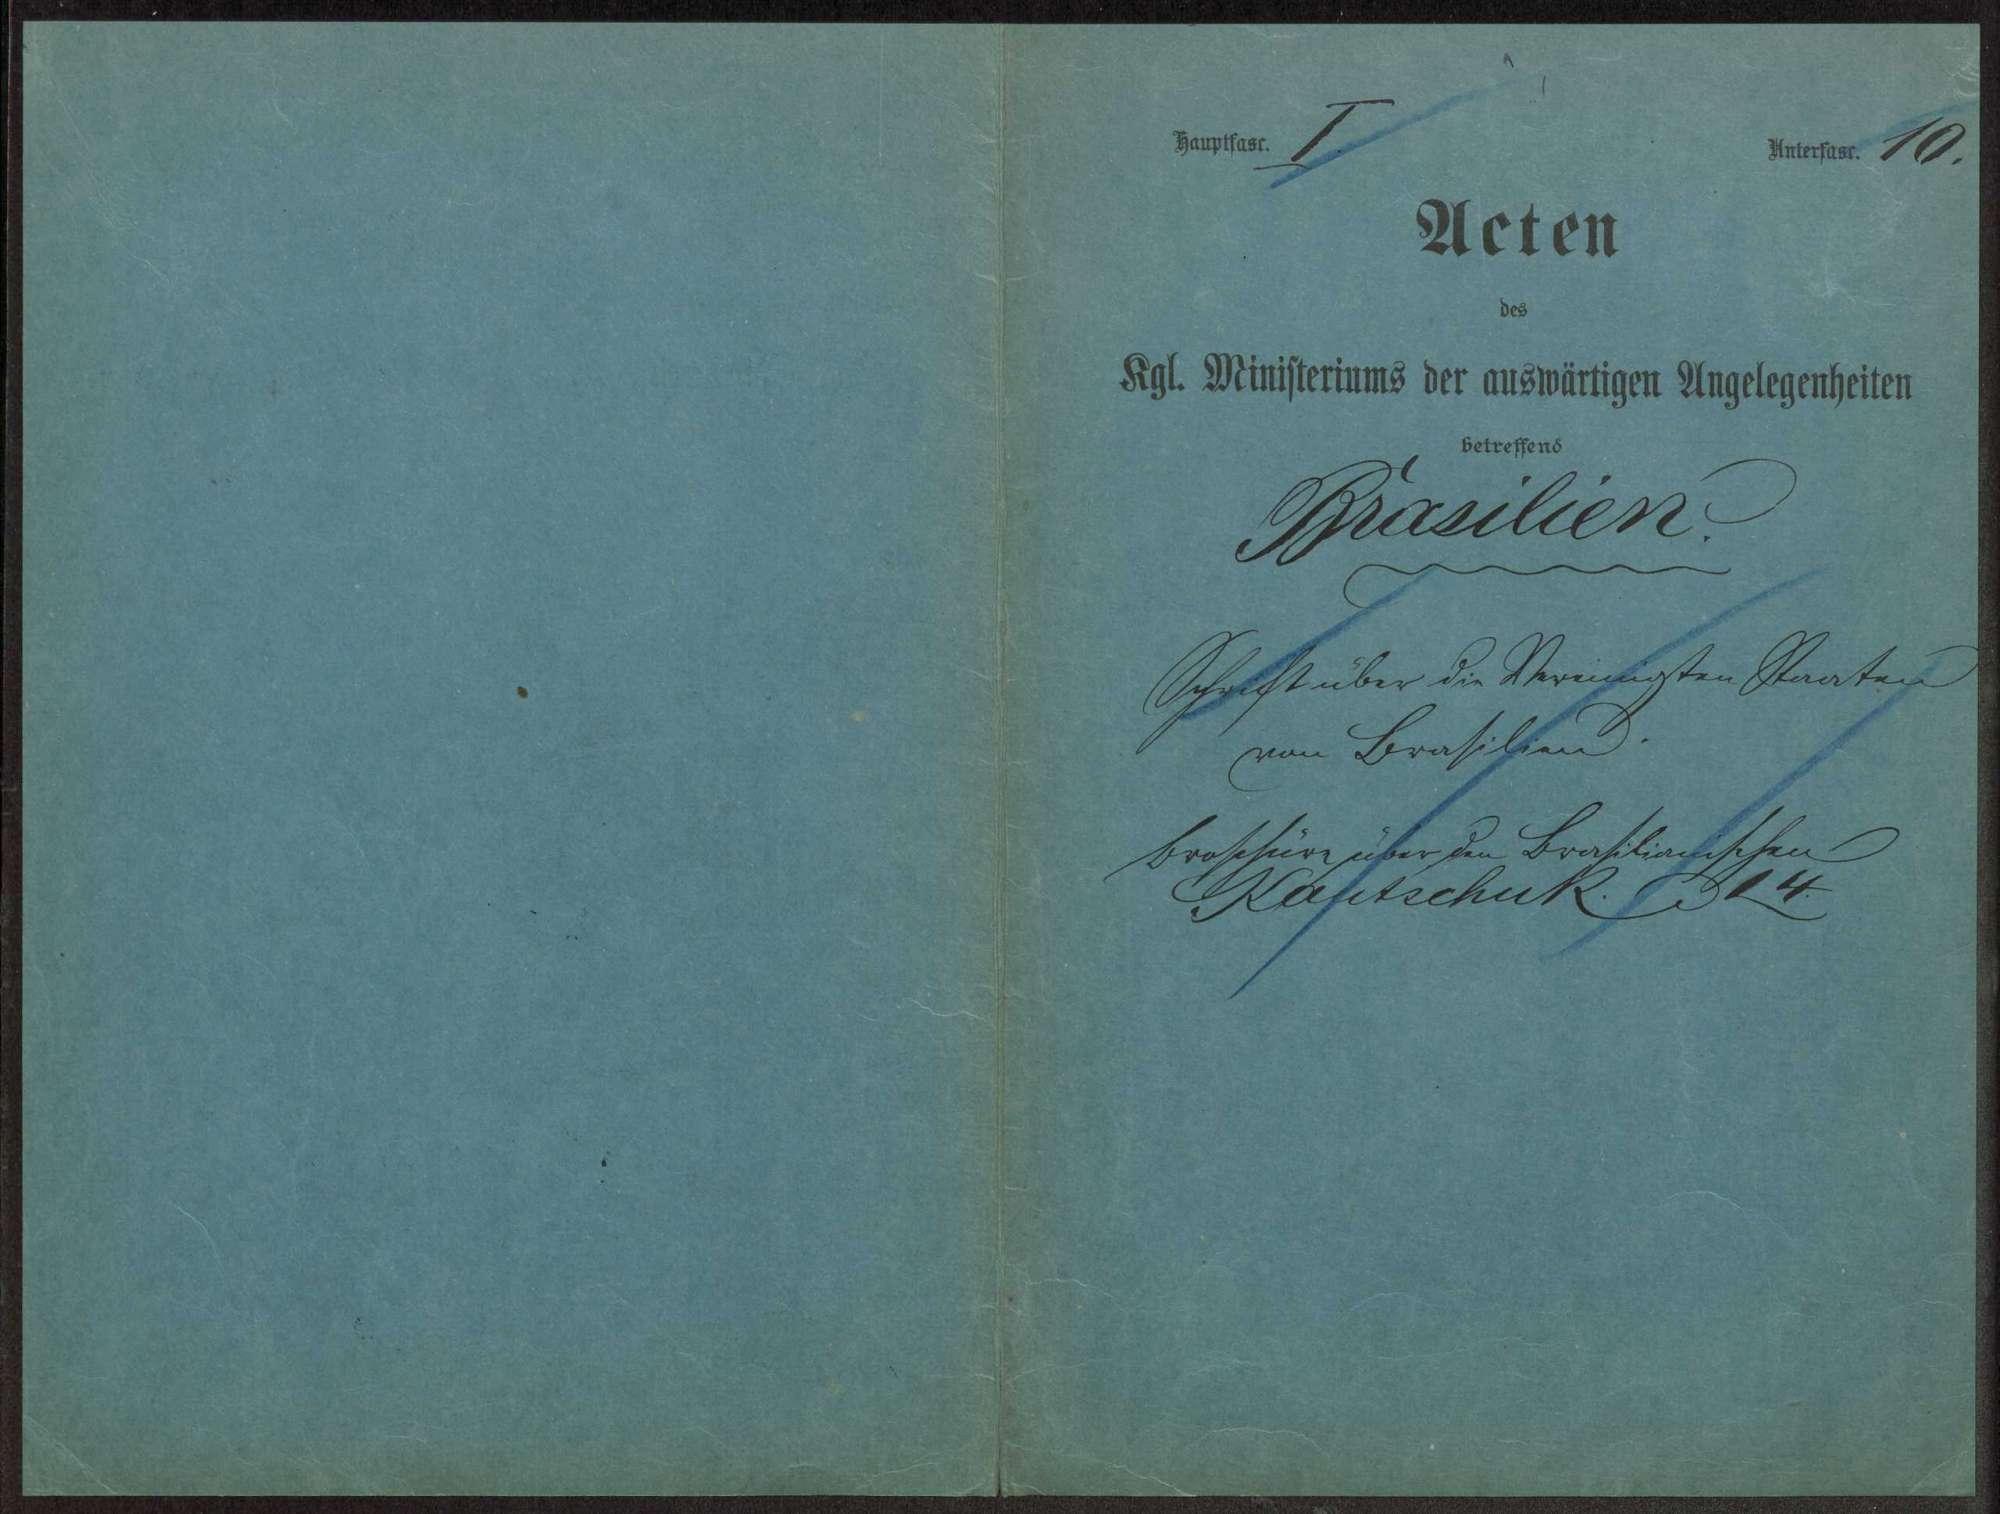 Verfassungsreform: Umbildung der Ersten Kammer Notizen Weizsäcker, Druckschriften und Zeitungsartikel, Bild 2